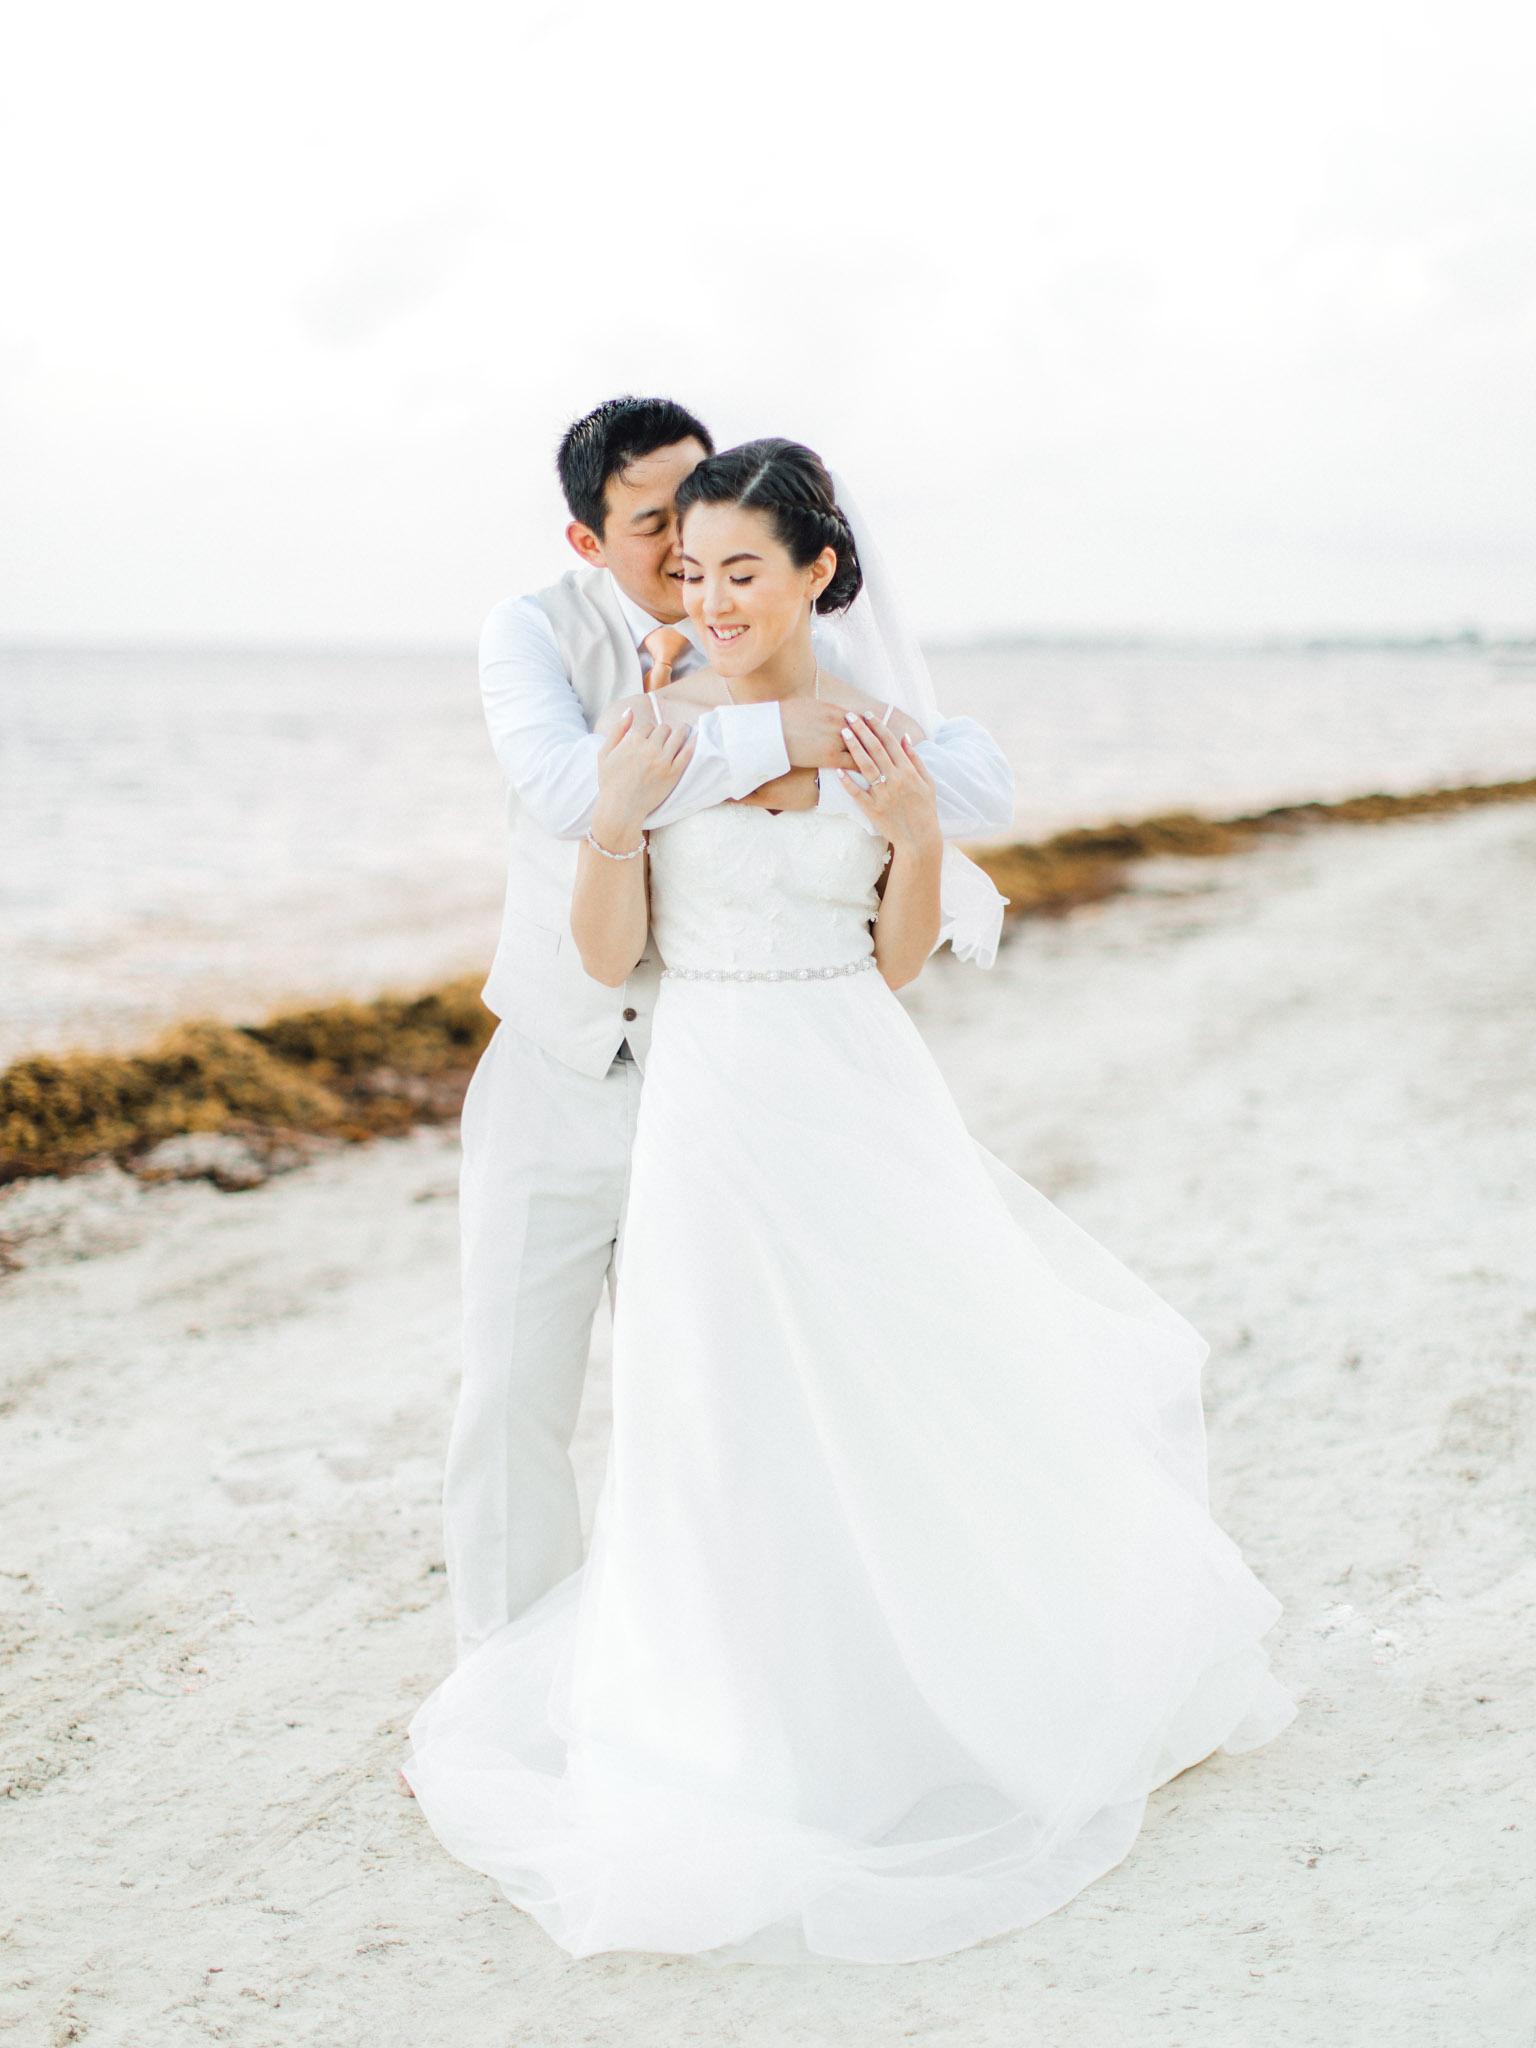 Cancun Mexico Wedding Photos - Fine Art Photography